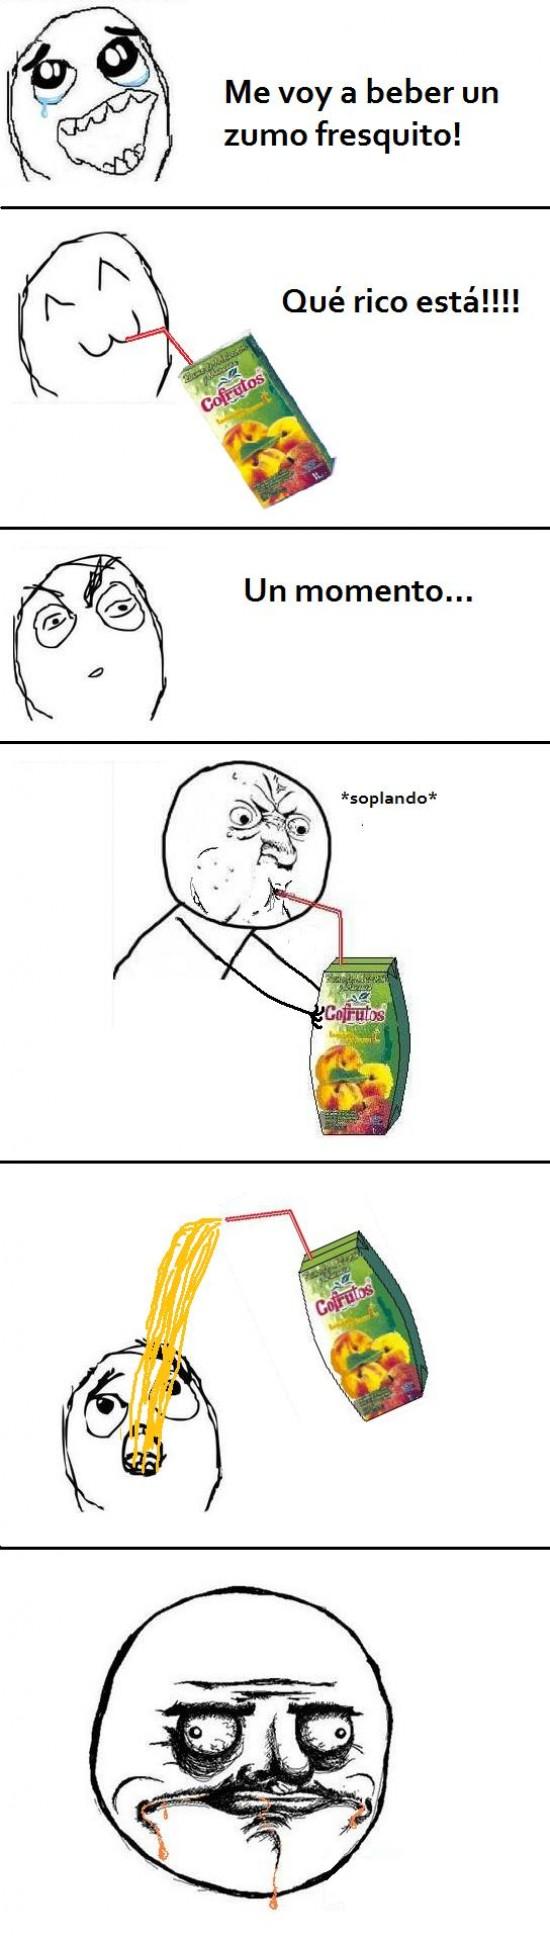 Me_gusta - Guarrerías con los zumos